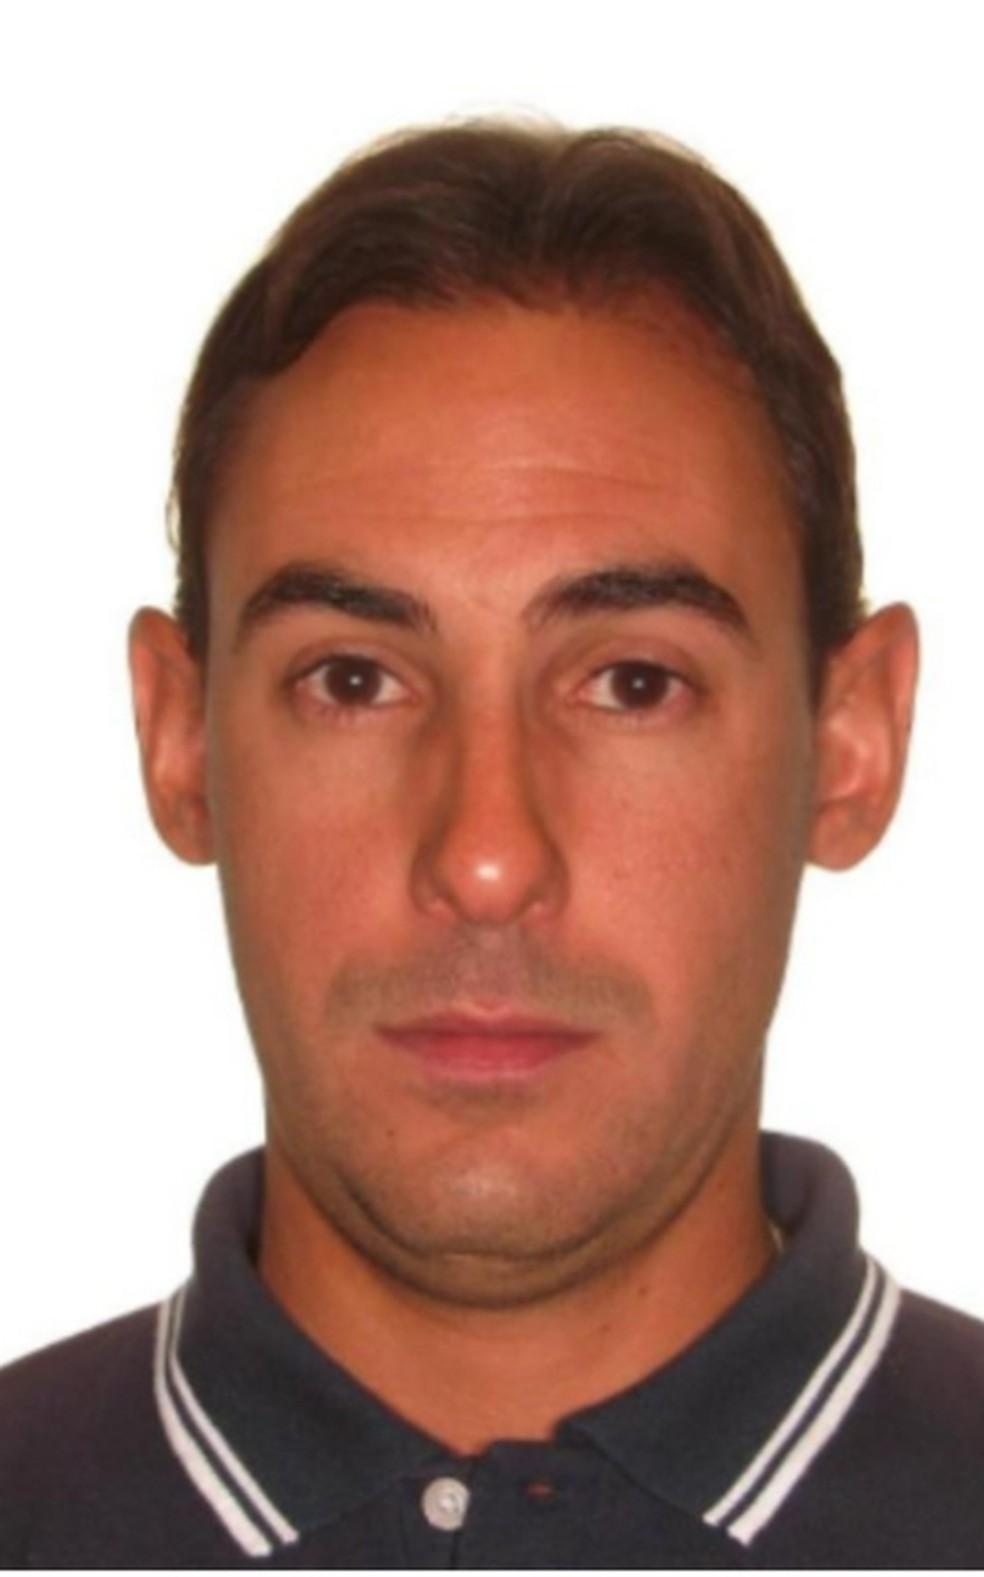 Diego Nunes Freitas, 40 anos, suspeito de matar a ex-companheira Rosileia Pereira — Foto: Arquivo pessoal